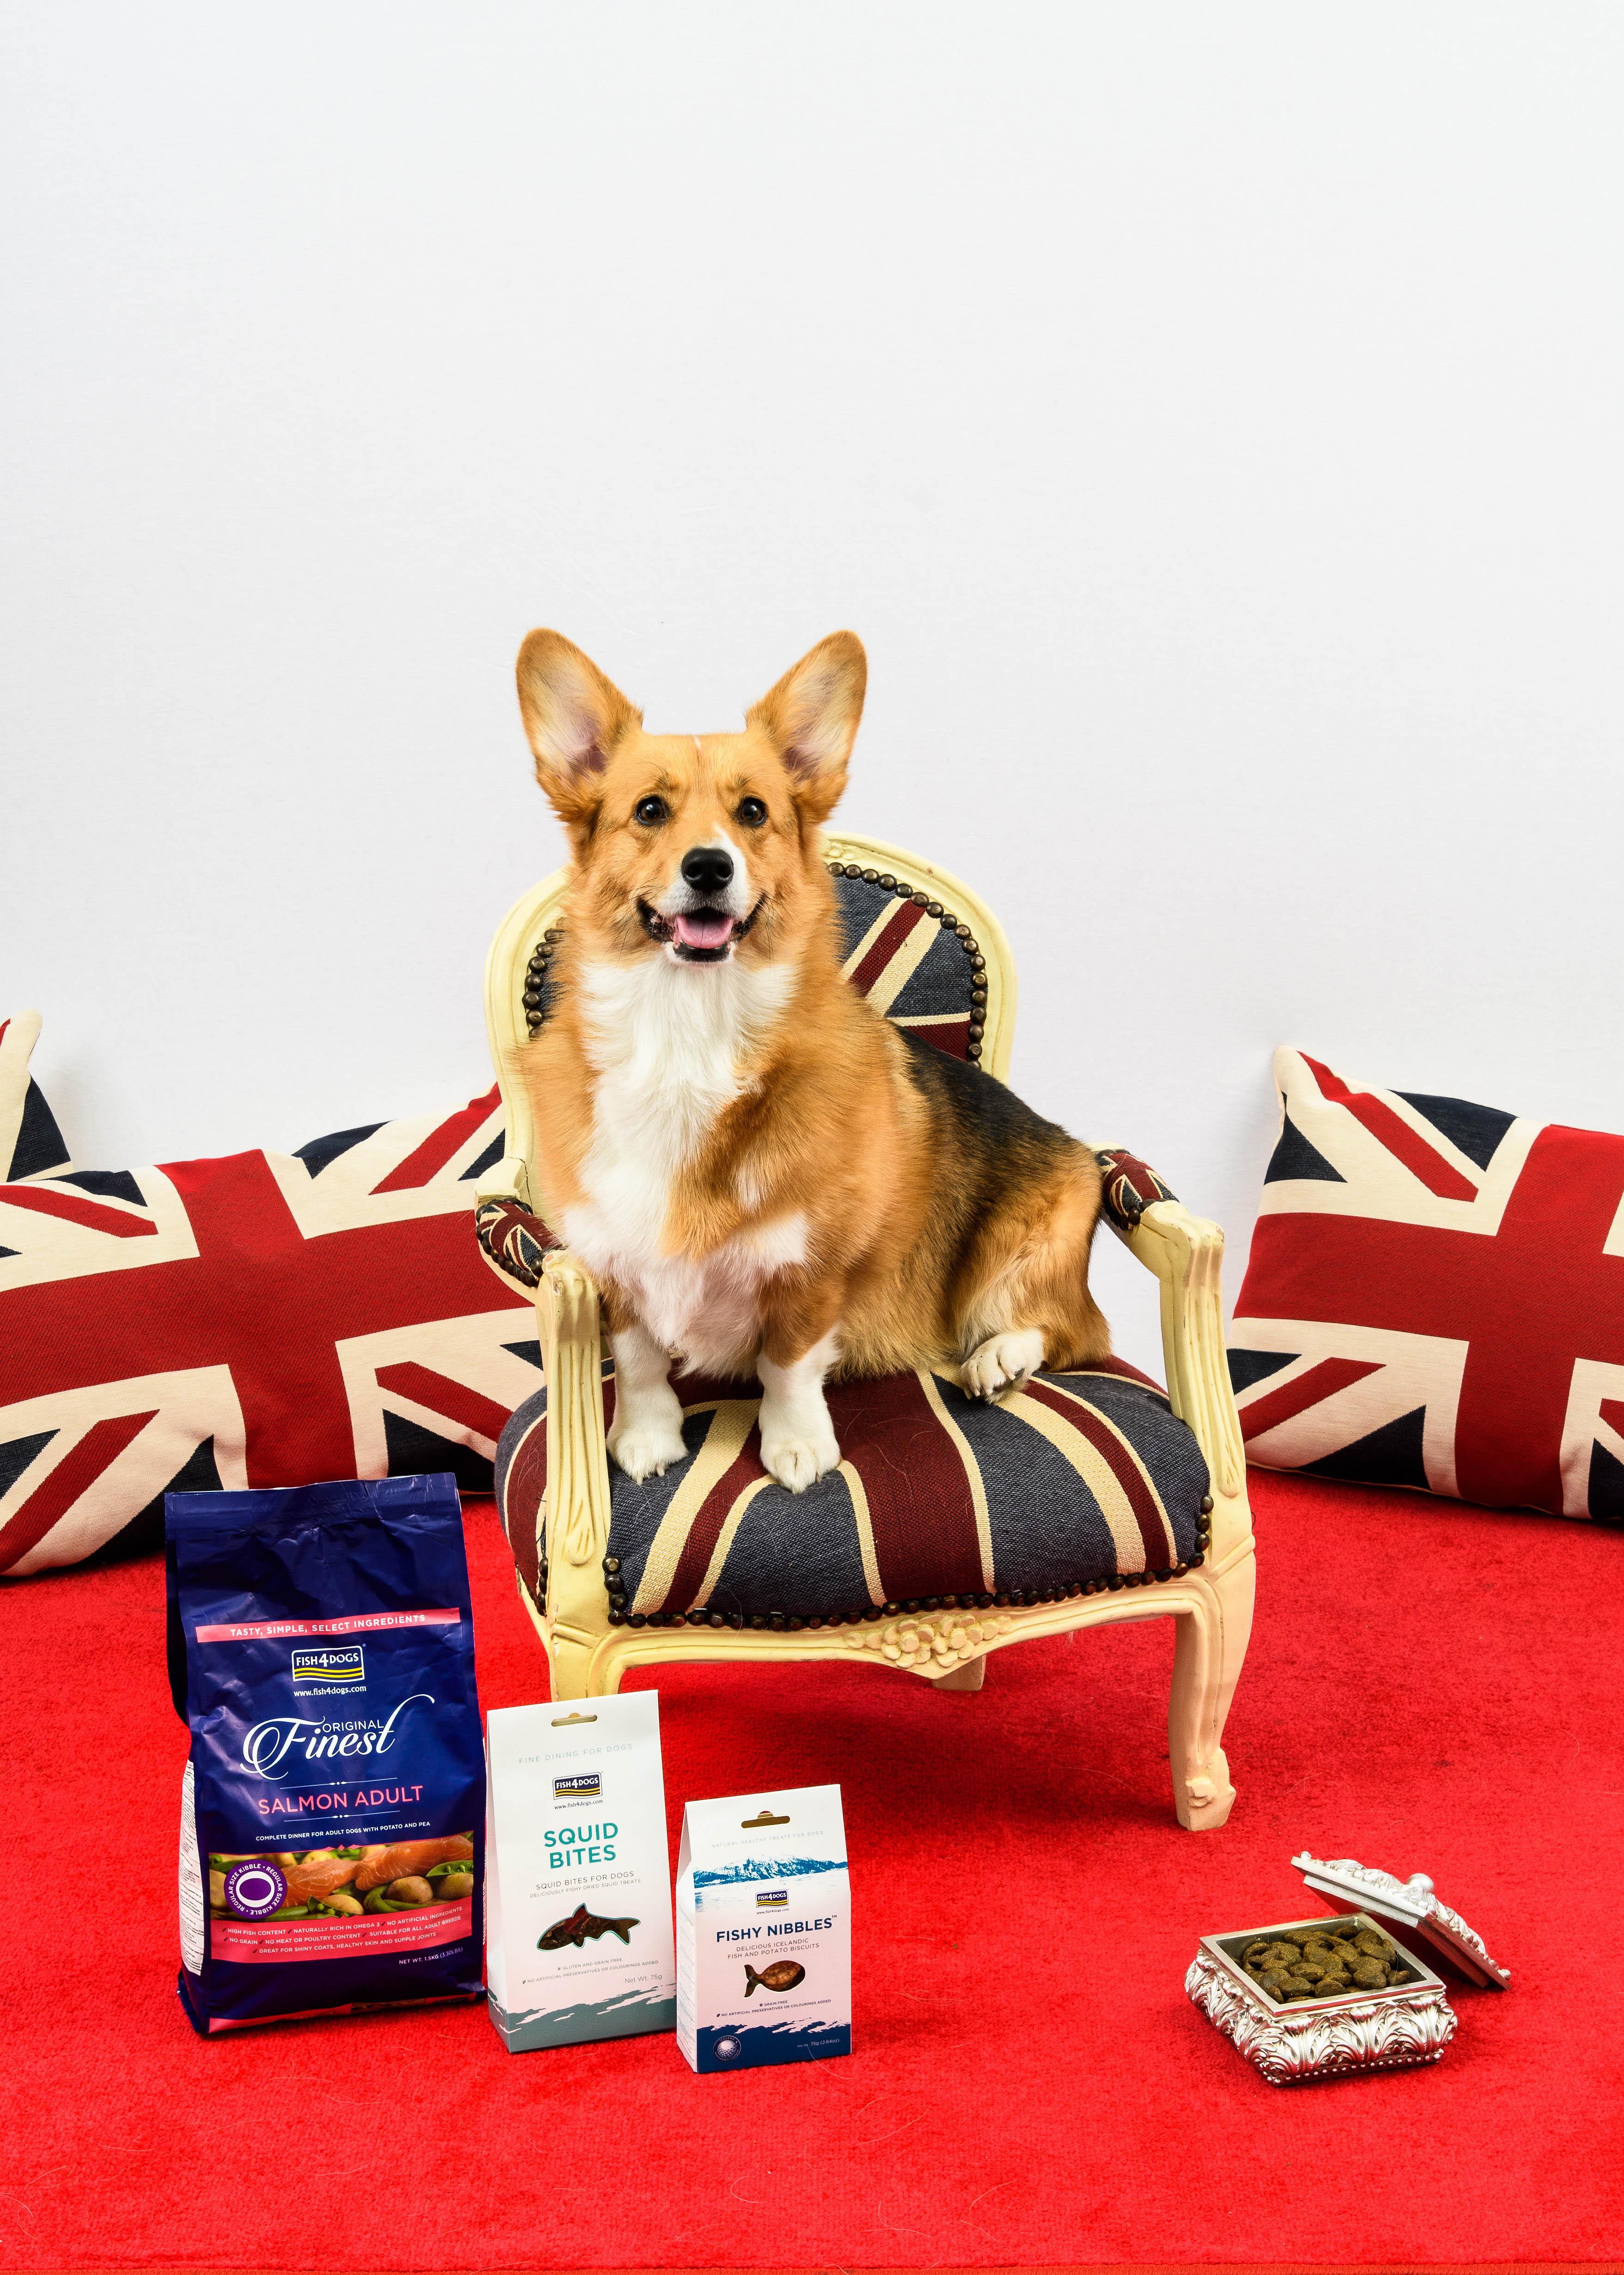 피쉬포독(Fish4Dogs) 사료, 영국 Queen's Award 수상